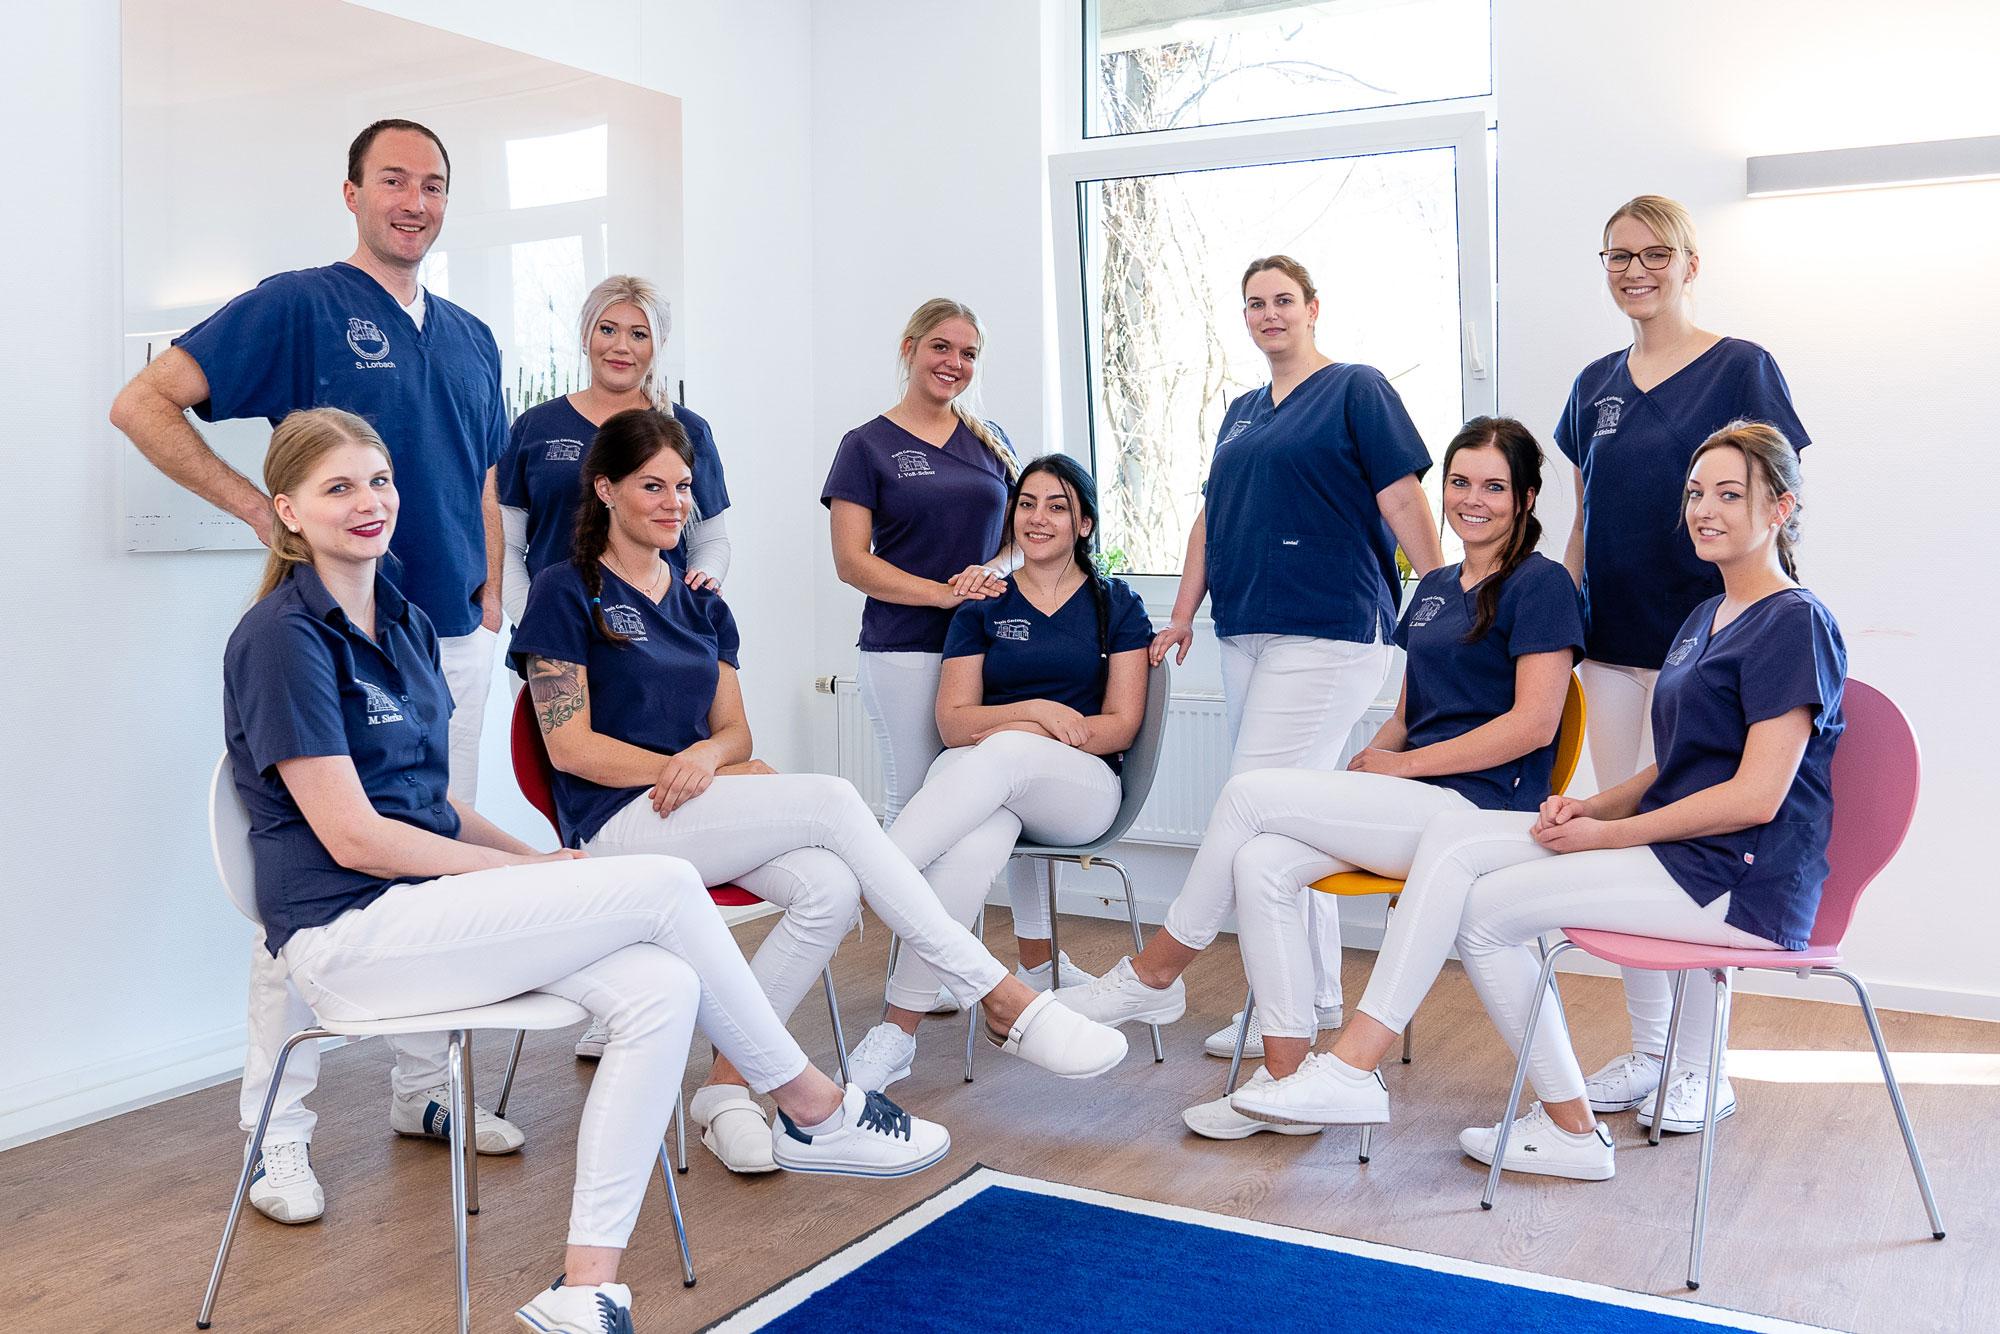 Praxis Gartenallee für MKG-Chirurgie & Oralchirurgie - Team Itzehoe